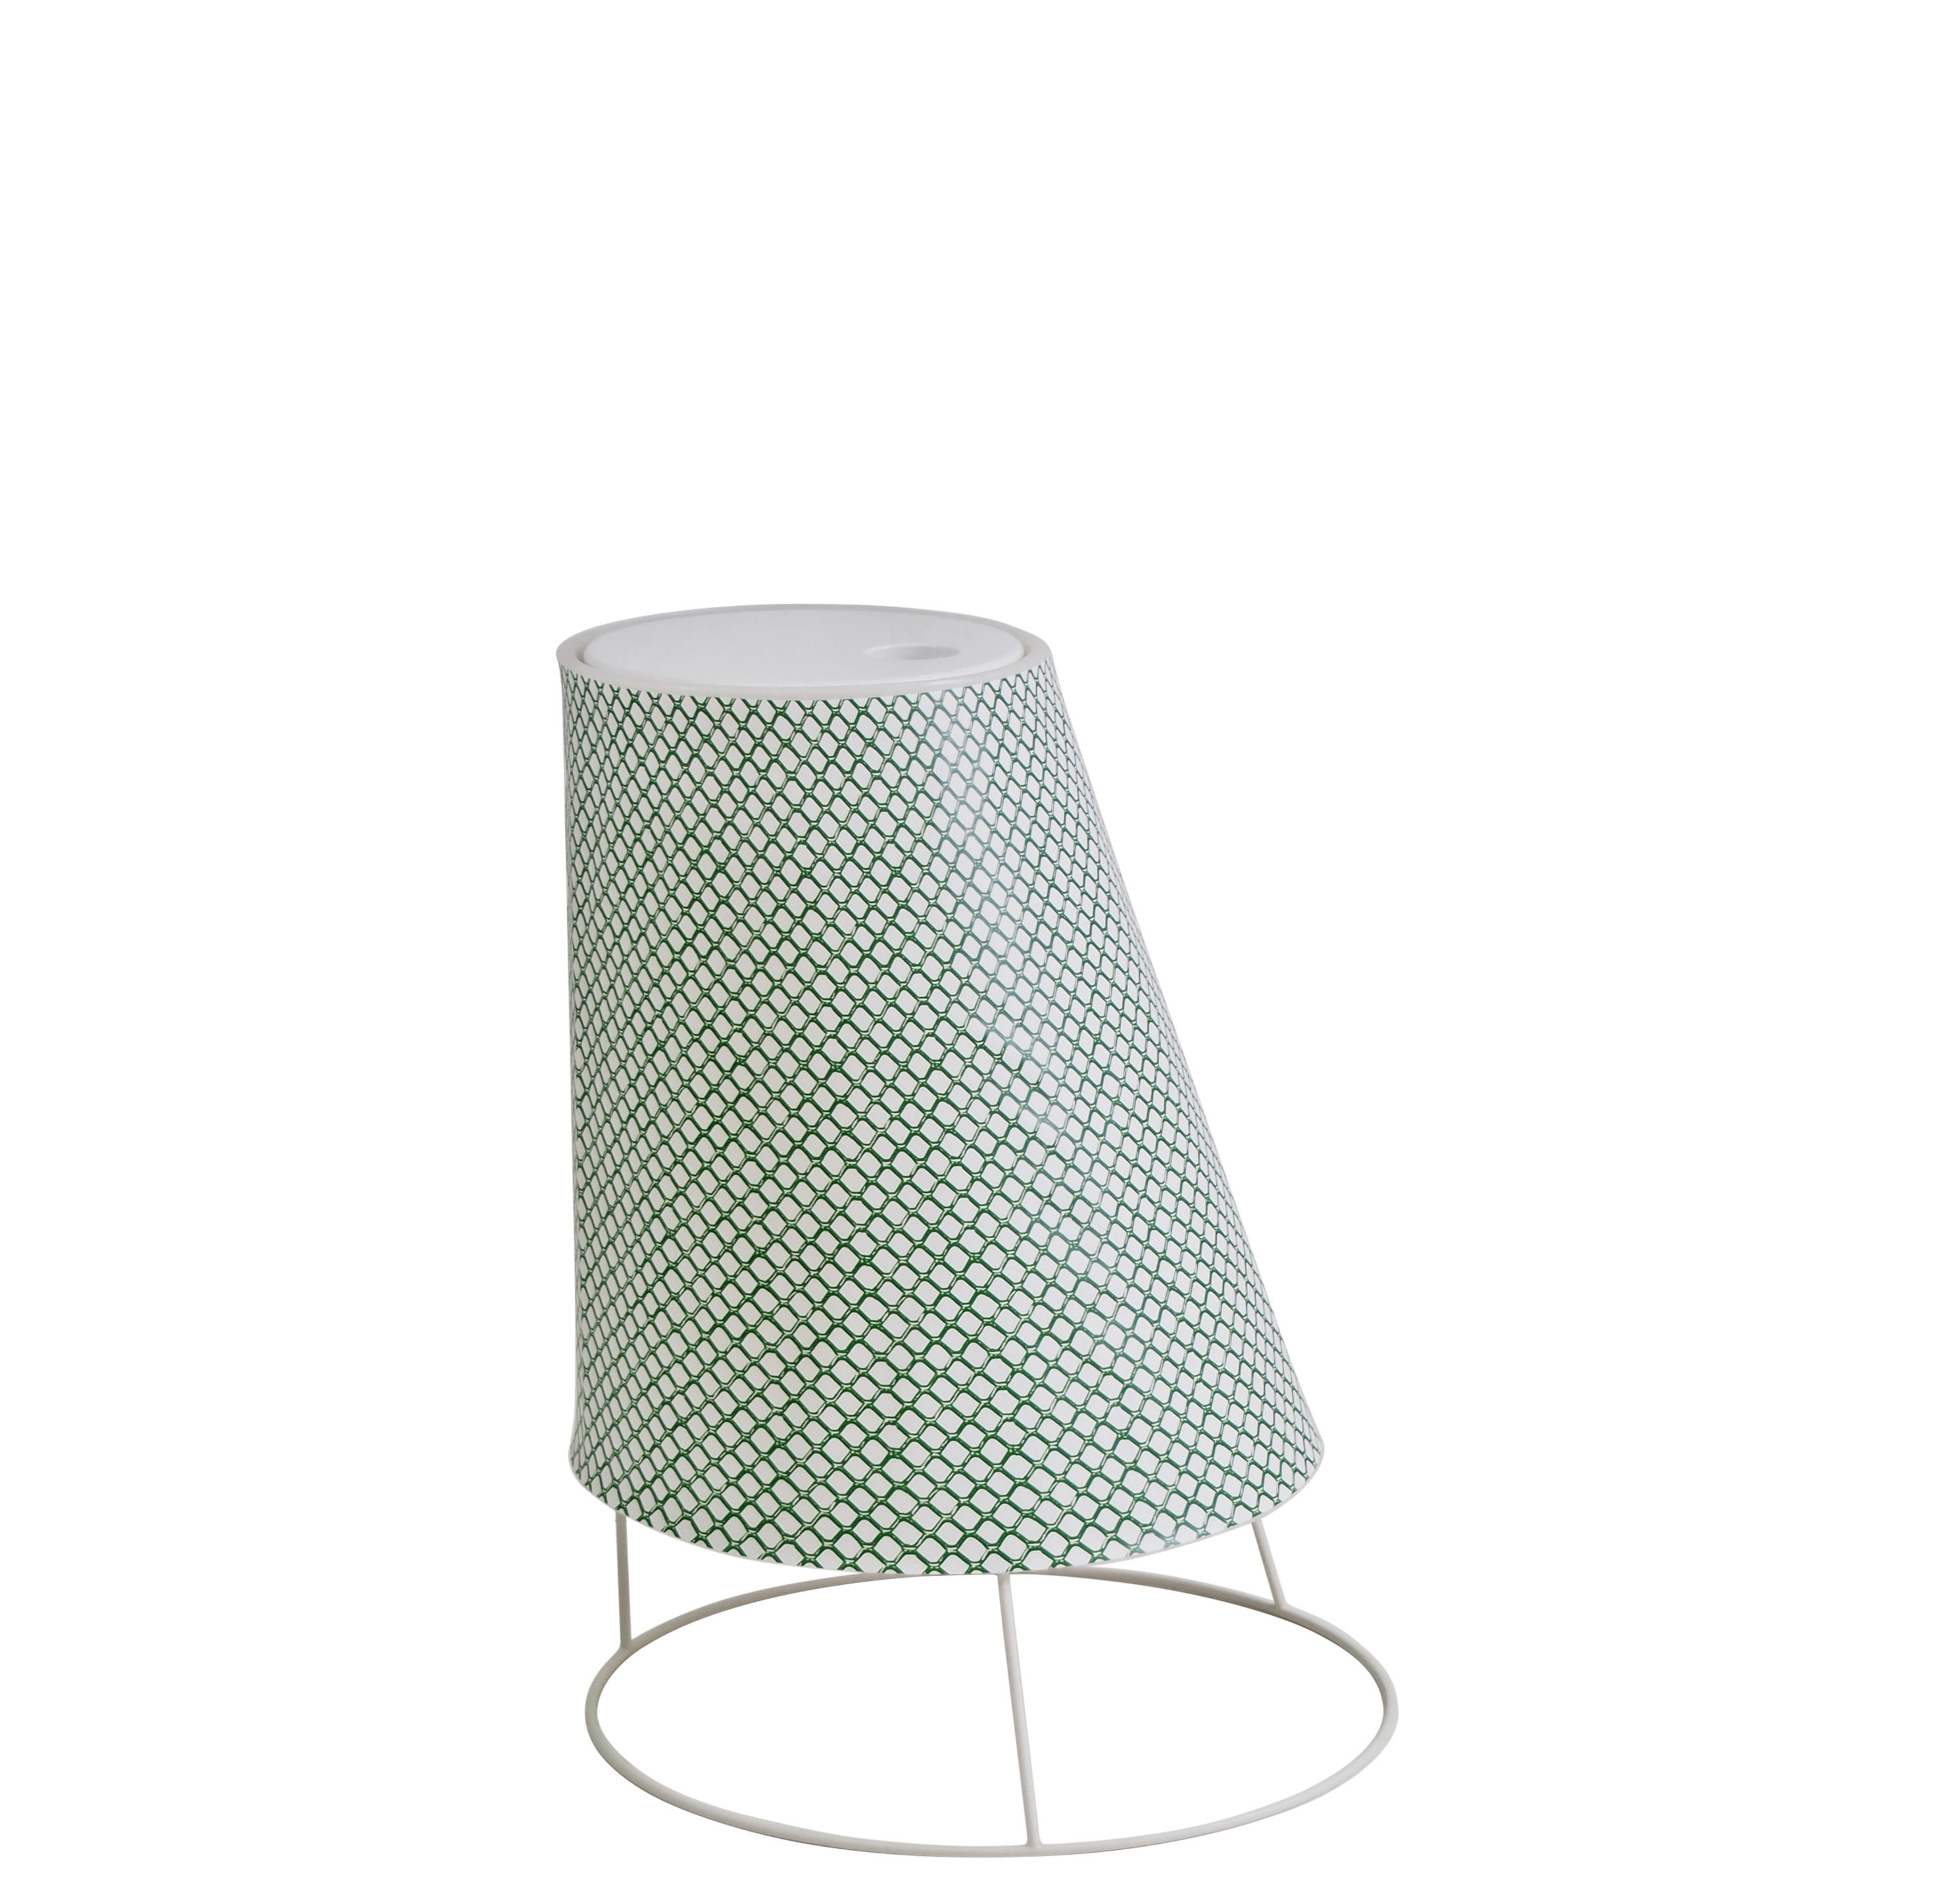 Leuchten - Tischleuchten - Cone LED Small Lampe ohne Kabel / H 22 cm - Emu - Grünes Gittermuster - Plastikmaterial, Polykarbonat, synthetisches Gewebe